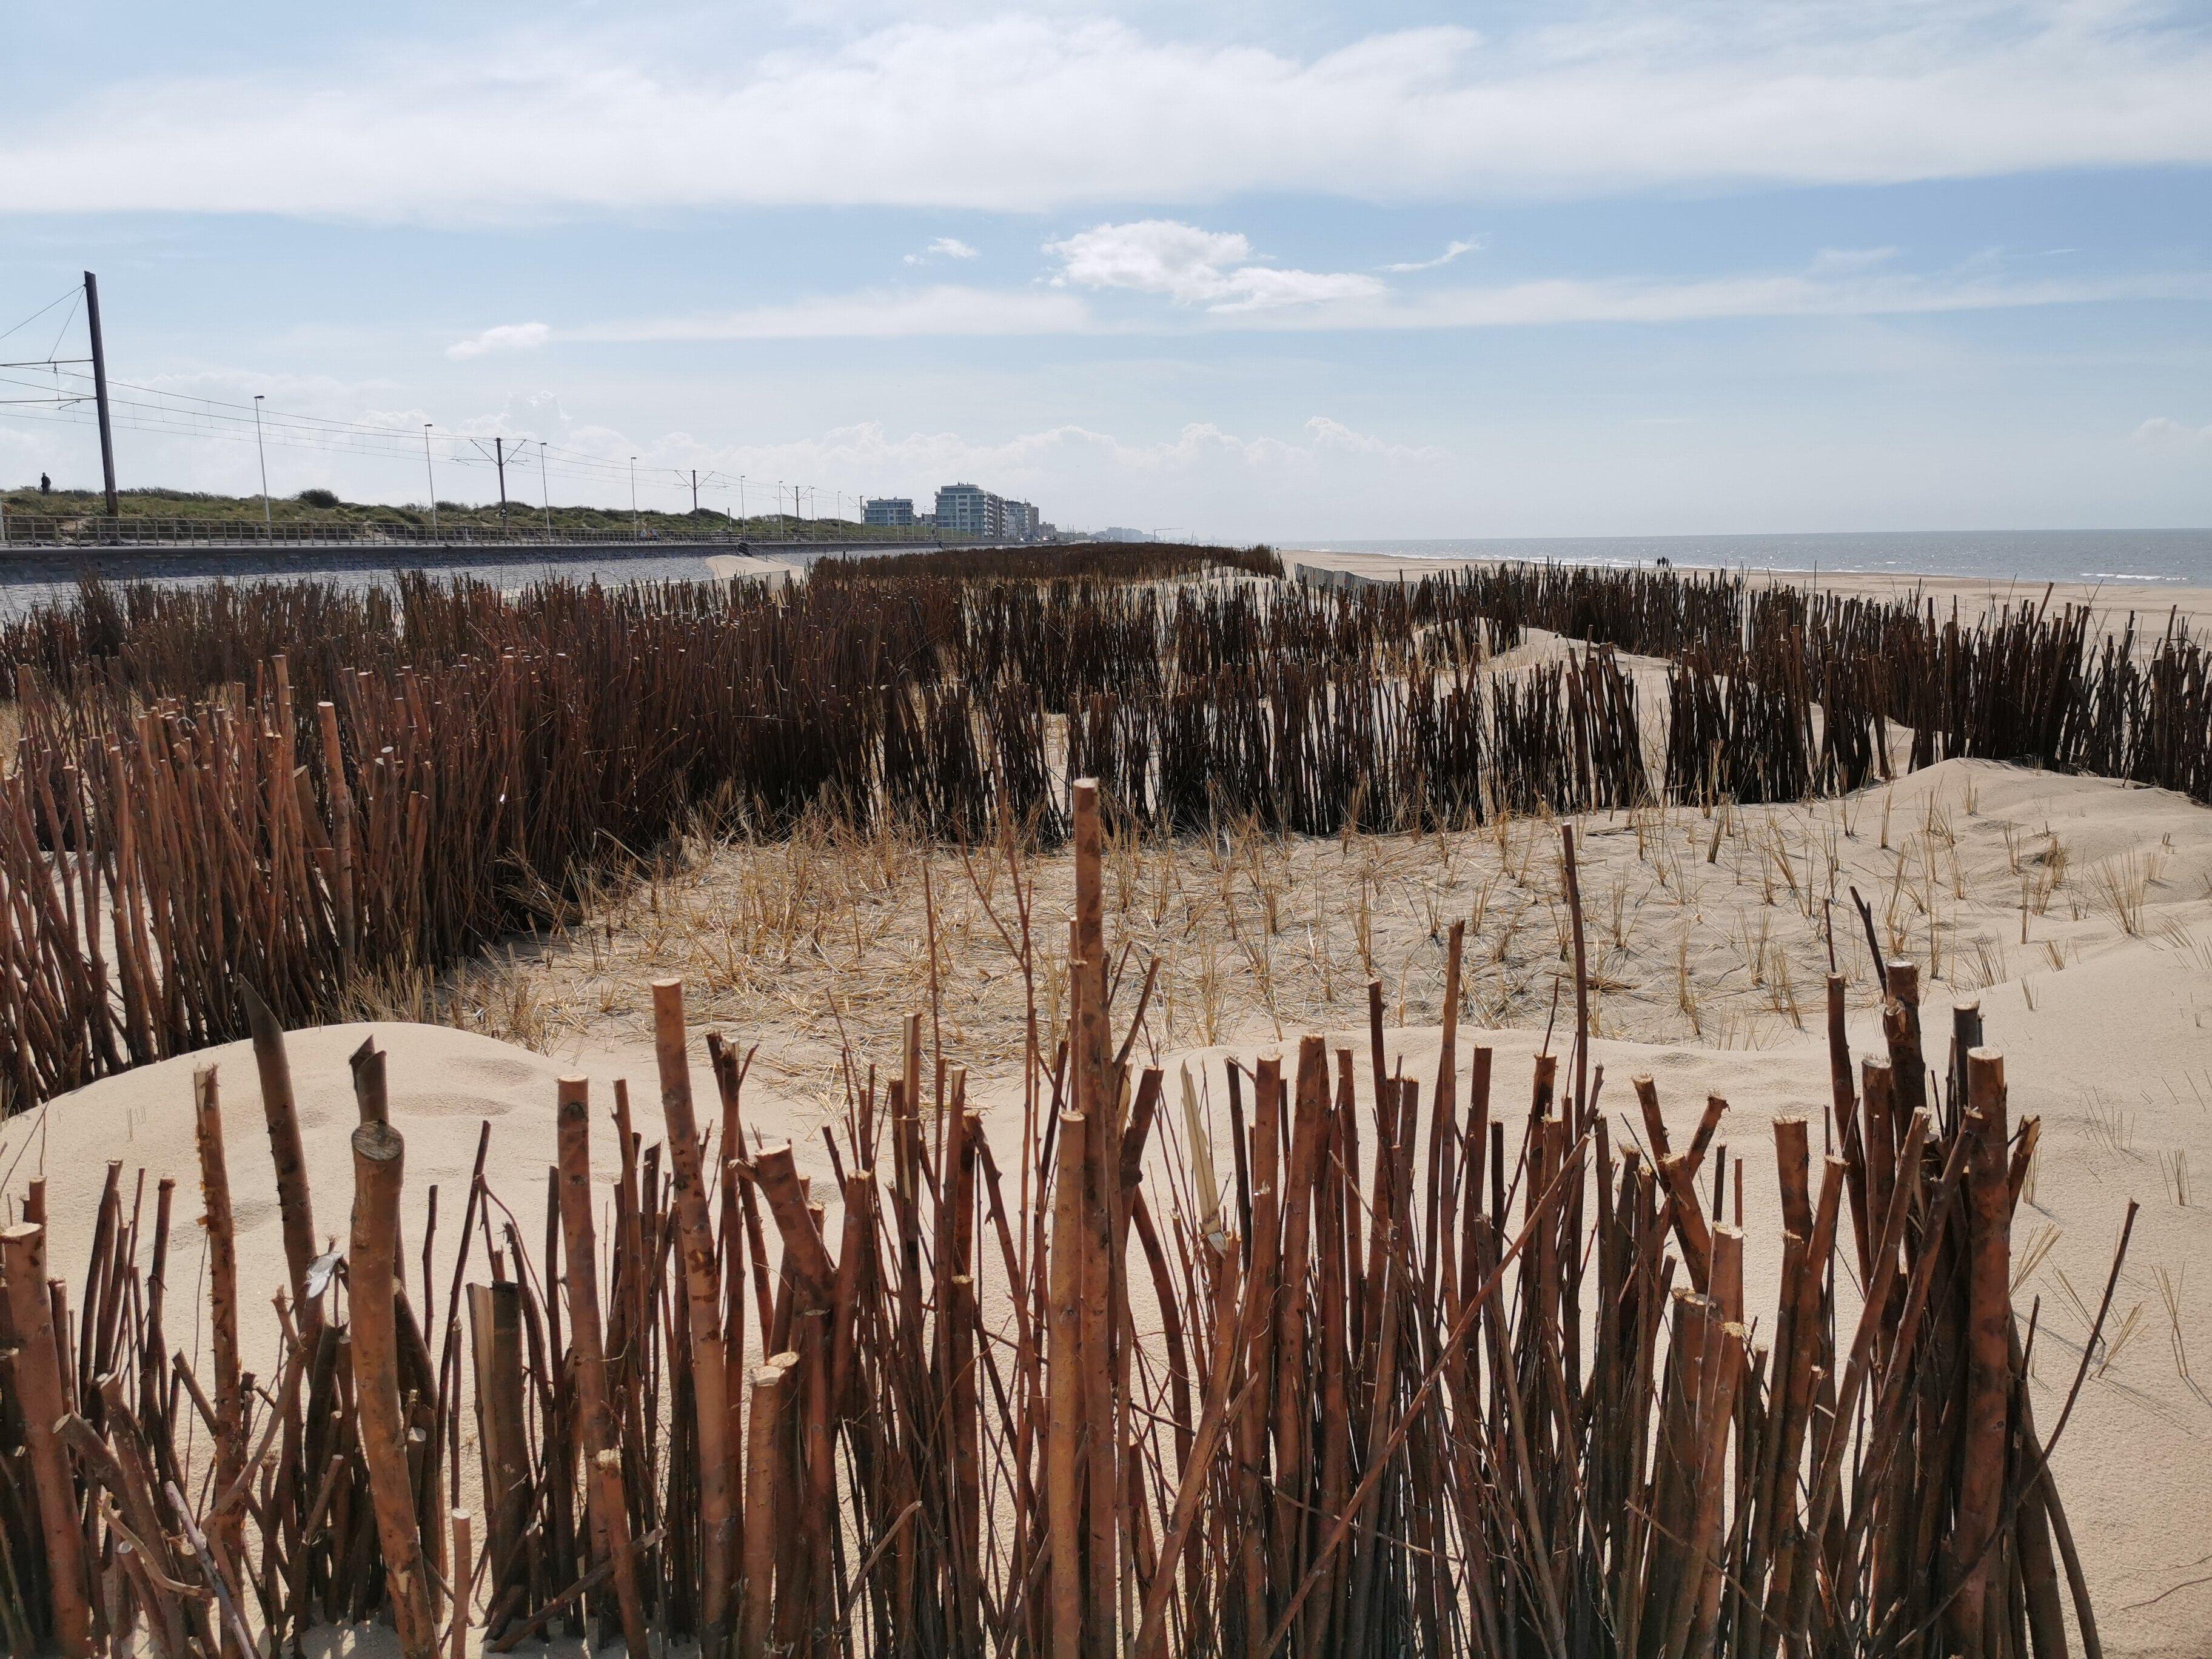 Sur la plage de Raversijde, les oyats et l'assemblage de branches forment une base pour la création de dunes